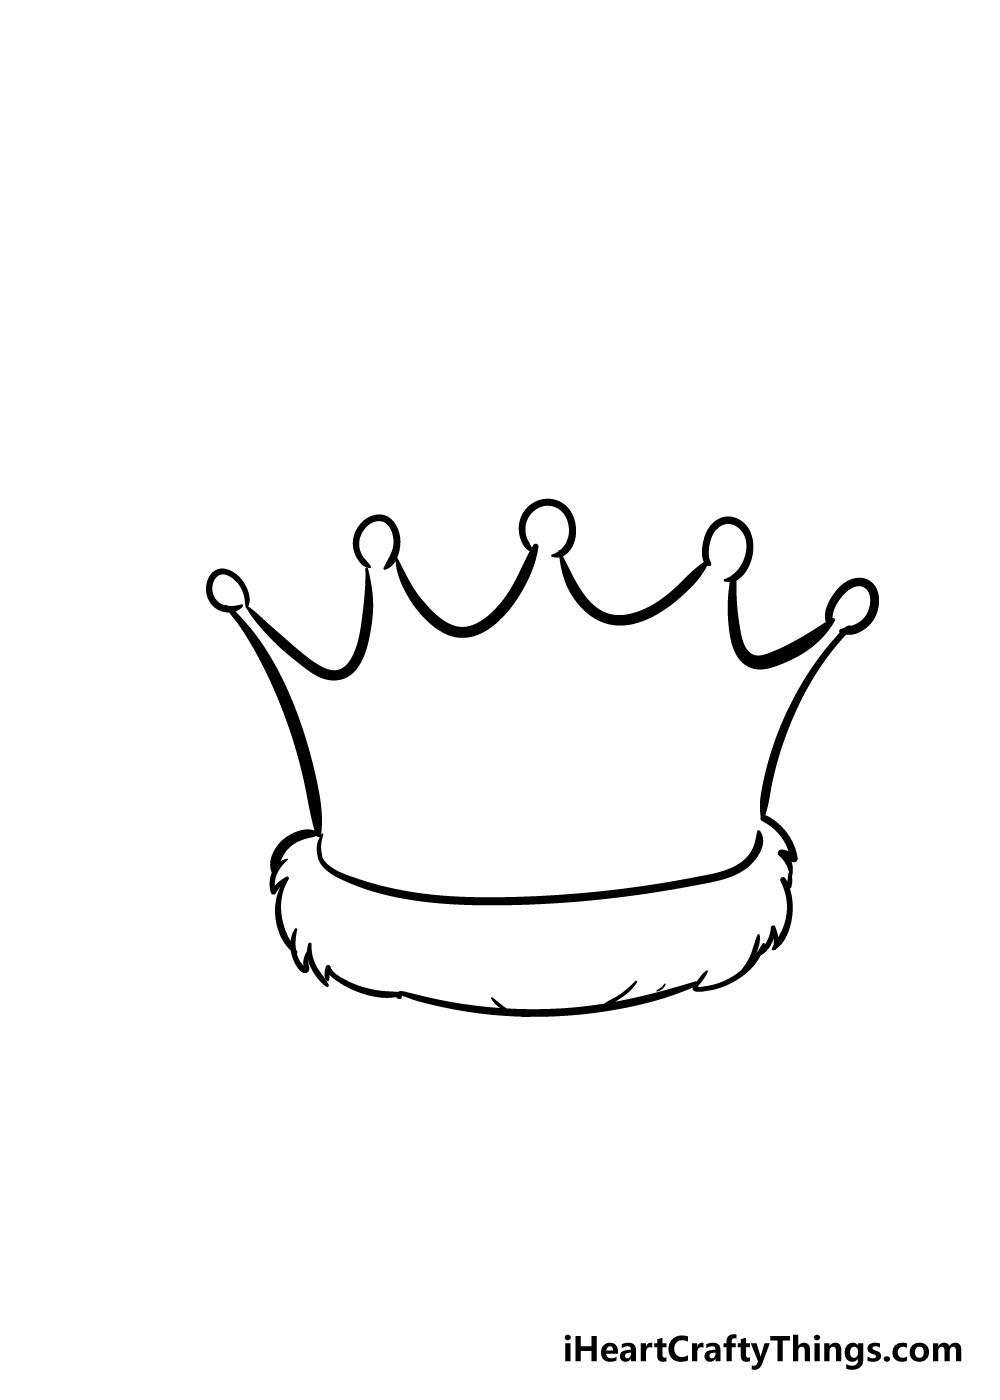 crown drawing step 3